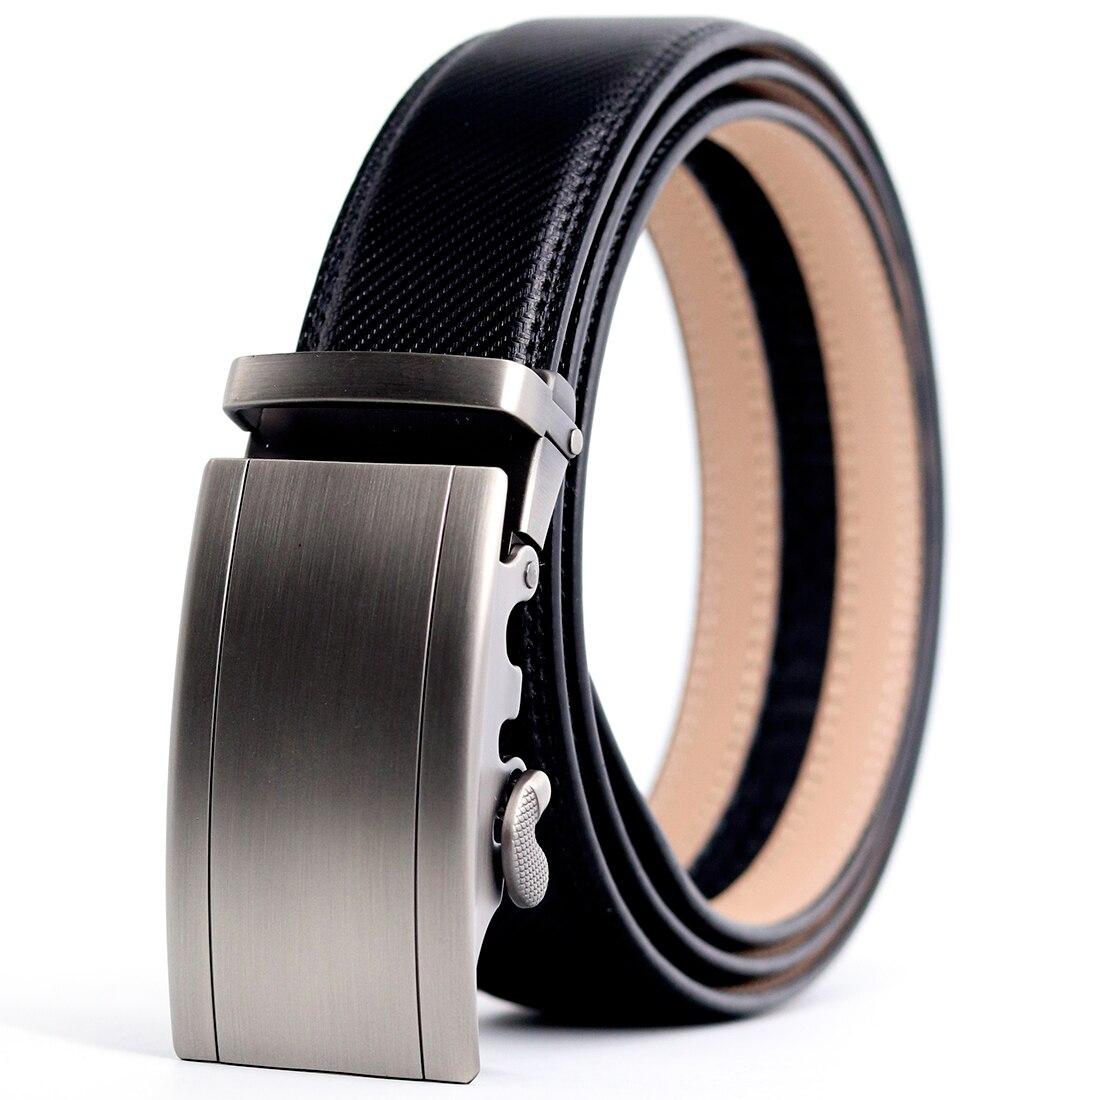 CETIRI Top Quality Belts For Men Genuine Leather Belt Men Belt Male Automatic Buckle black Strap Cummerbunds cinturon hombre|Men